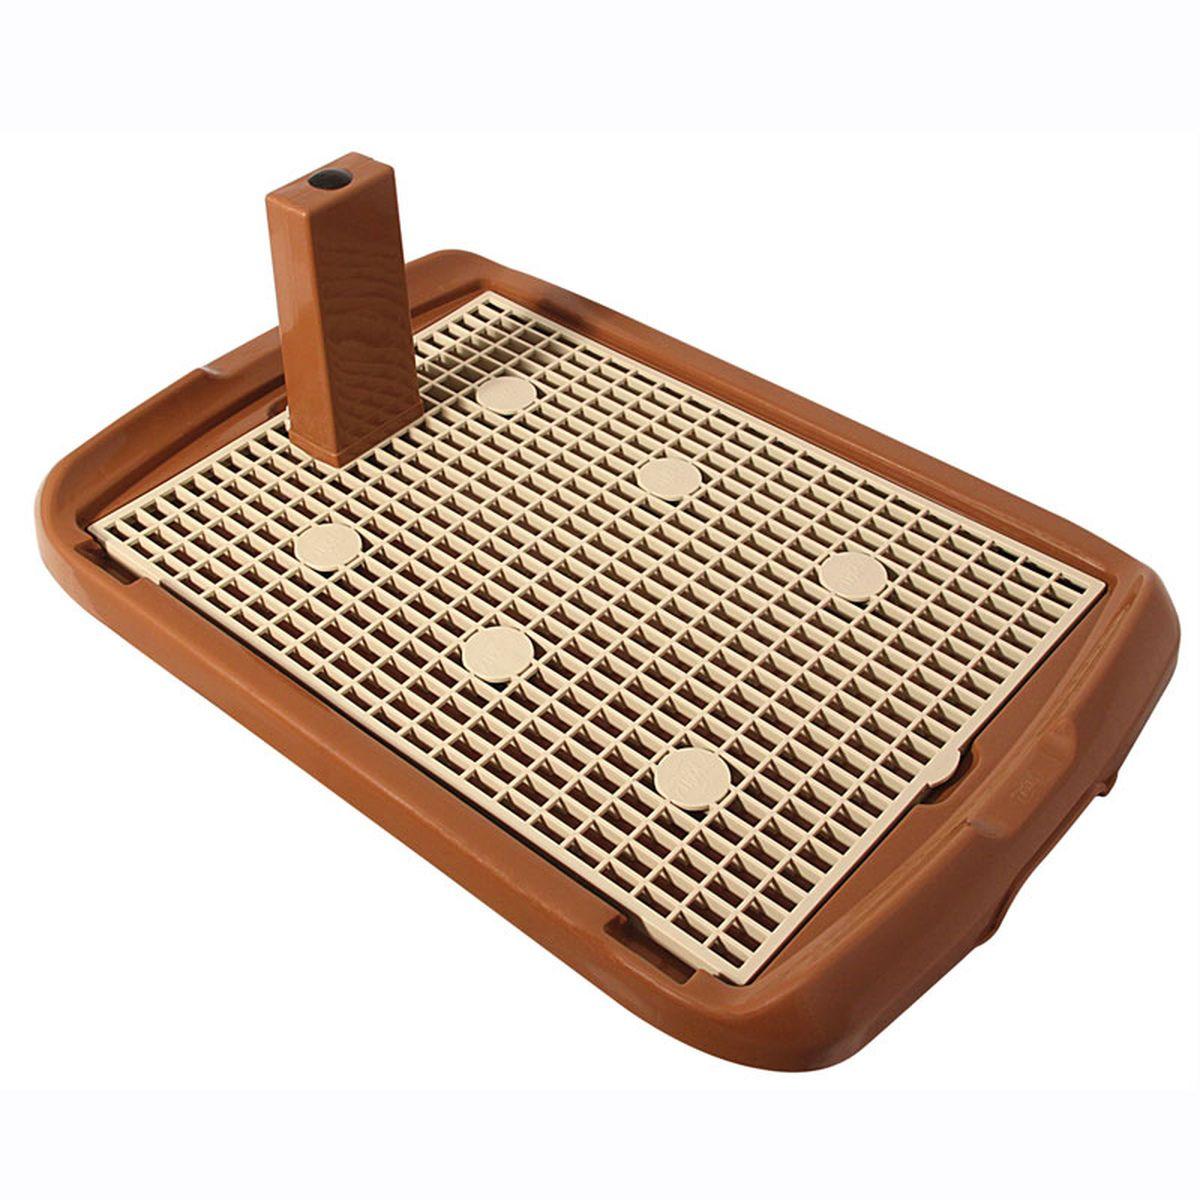 Туалет для собак Triol, со столбиком, 60 х 40 см0120710Туалет предназначен для собак мелких и средних пород, а также для щенков. Столбик закрепляется на сетке (В ЛЮБОМ УДОБНОМ ВАШЕМУ ЖИВОТНОМУ МЕСТЕ), при необходимости его можно снять. Под сетку кладется впитывающая пеленка, поэтому лапы остаются сухими. Сетка мягкая, эластичная, приятная на ощупь, изготовлена из качественной резины.